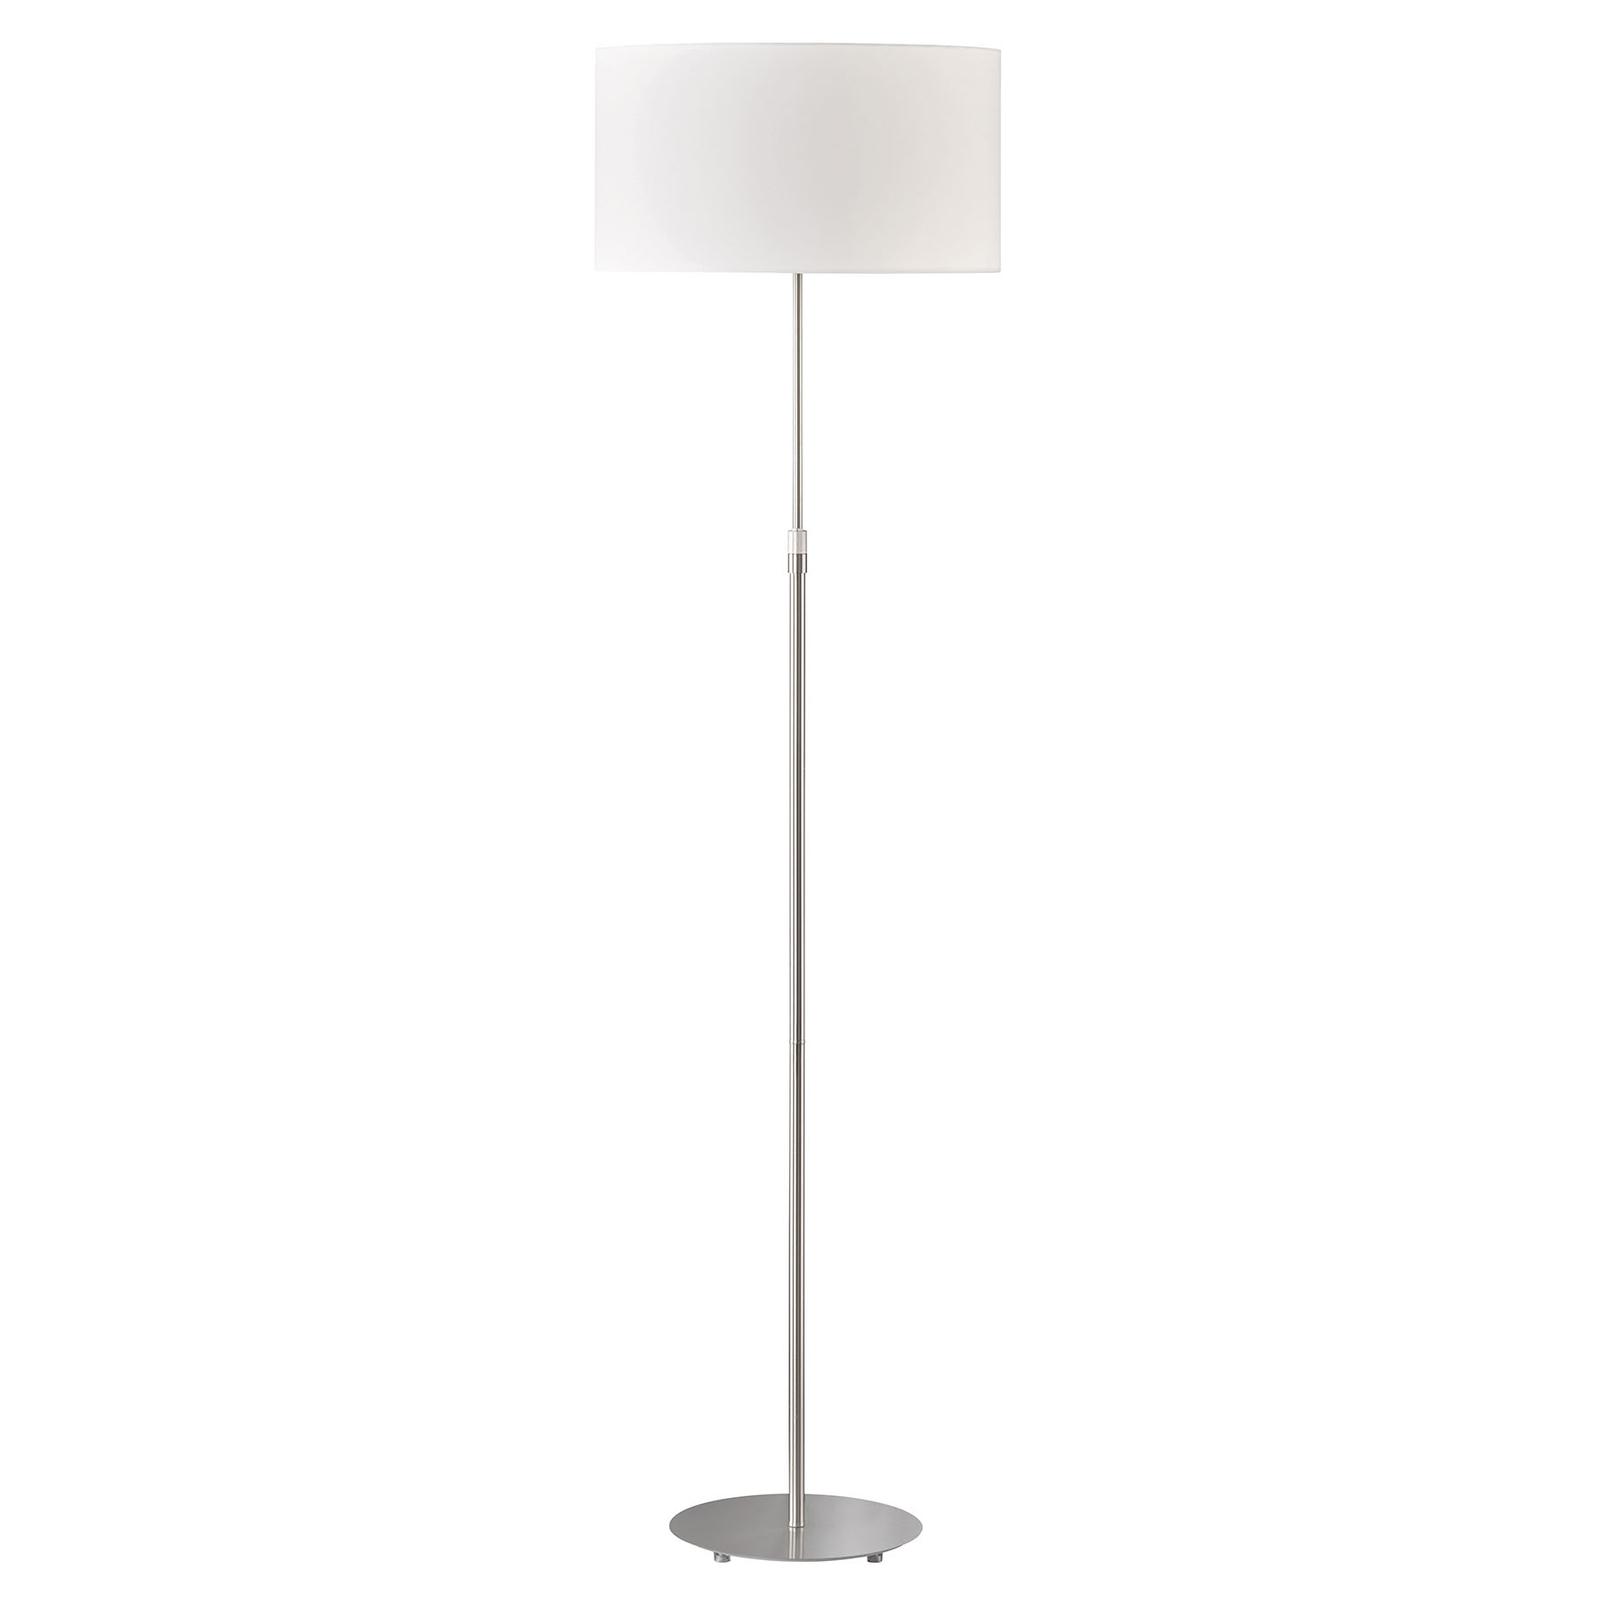 Schöner Wohnen Pina lampadaire blanc